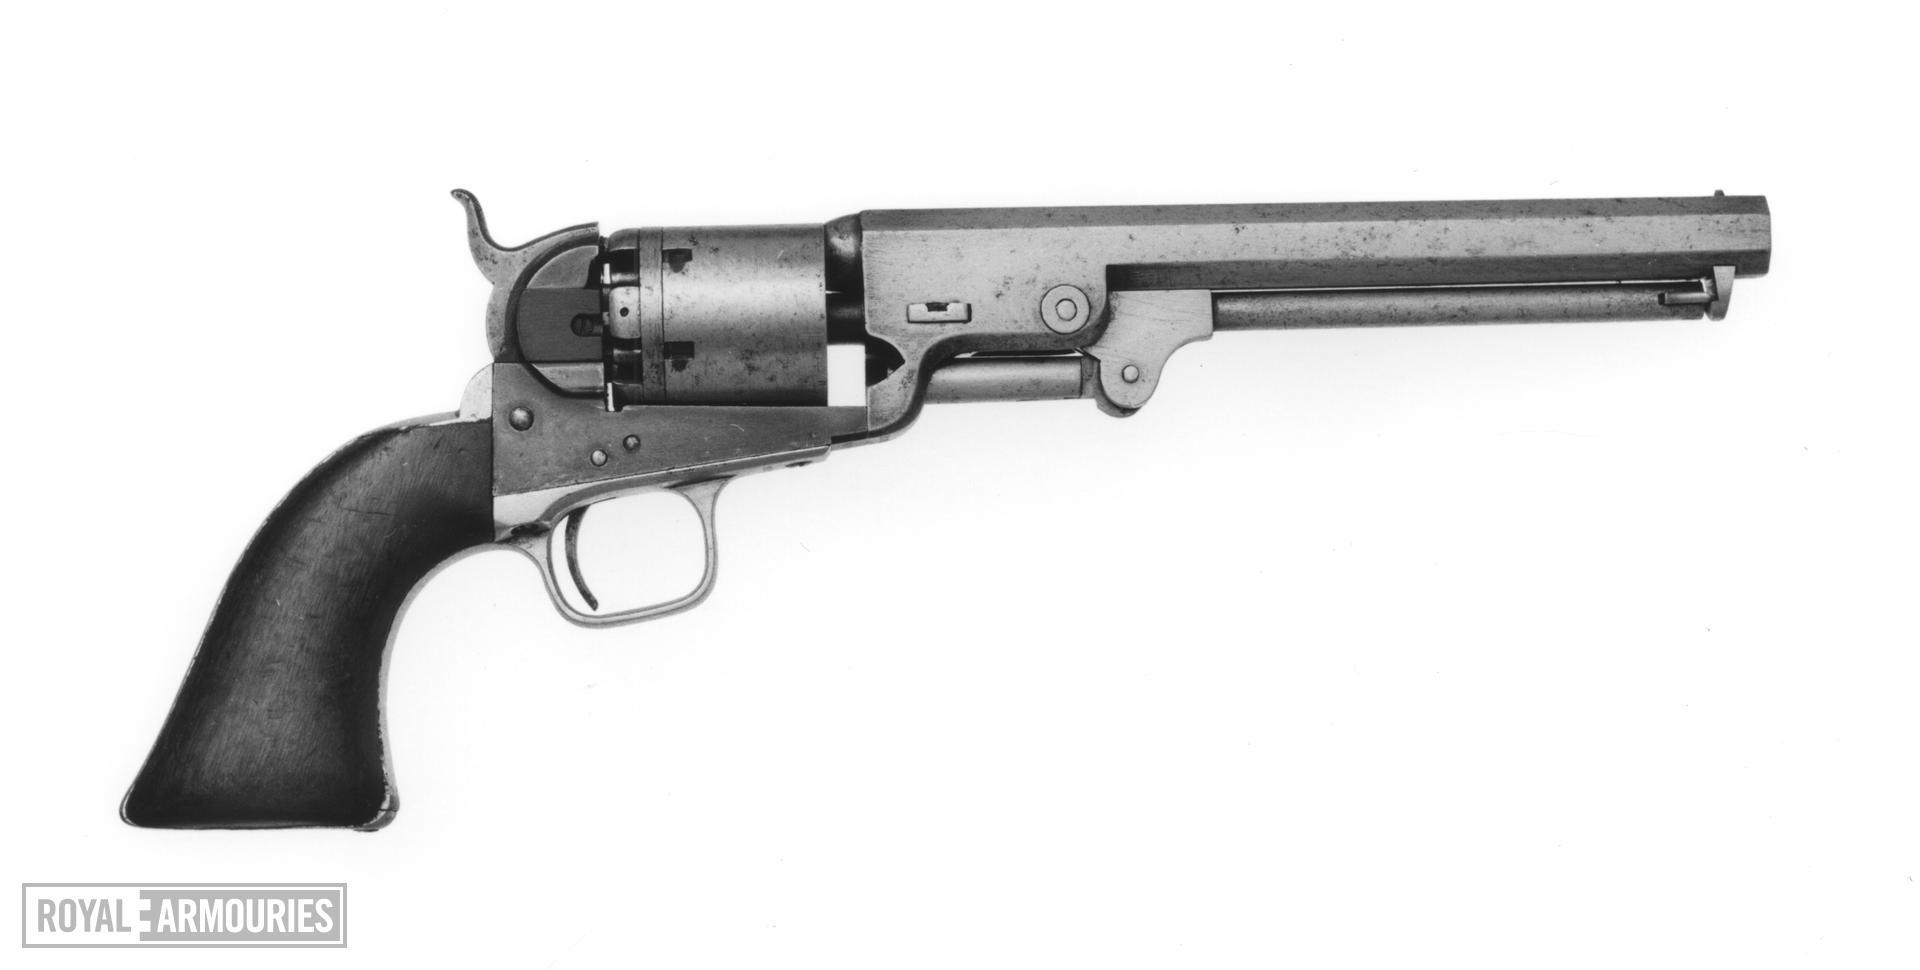 Percussion six-shot revolver - Colt Navy Model 1851